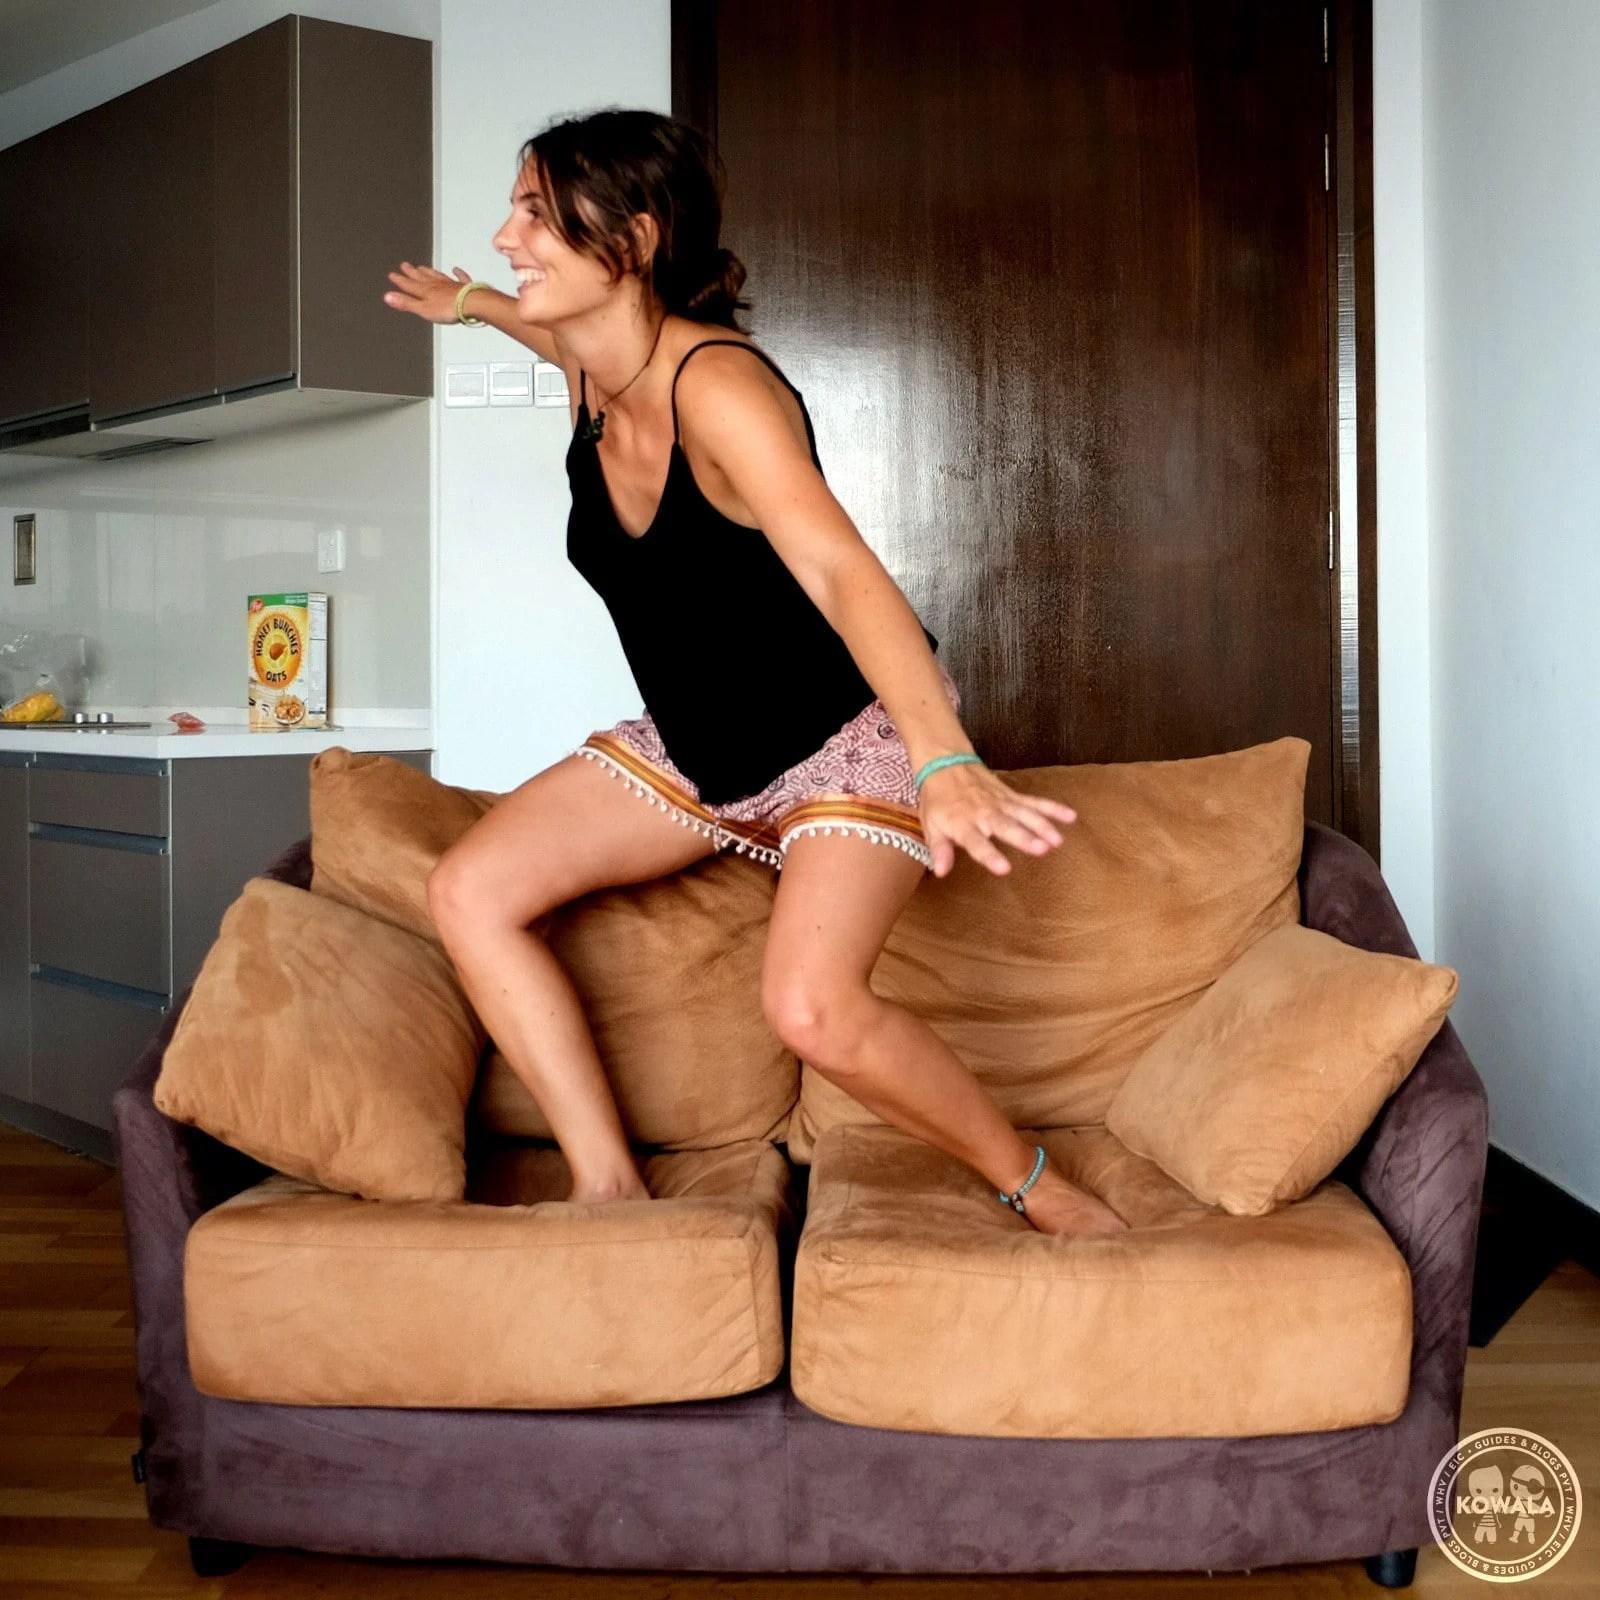 Couchsurfing en Nouvelle-Zélande | Kowala - Tour du monde des PVT